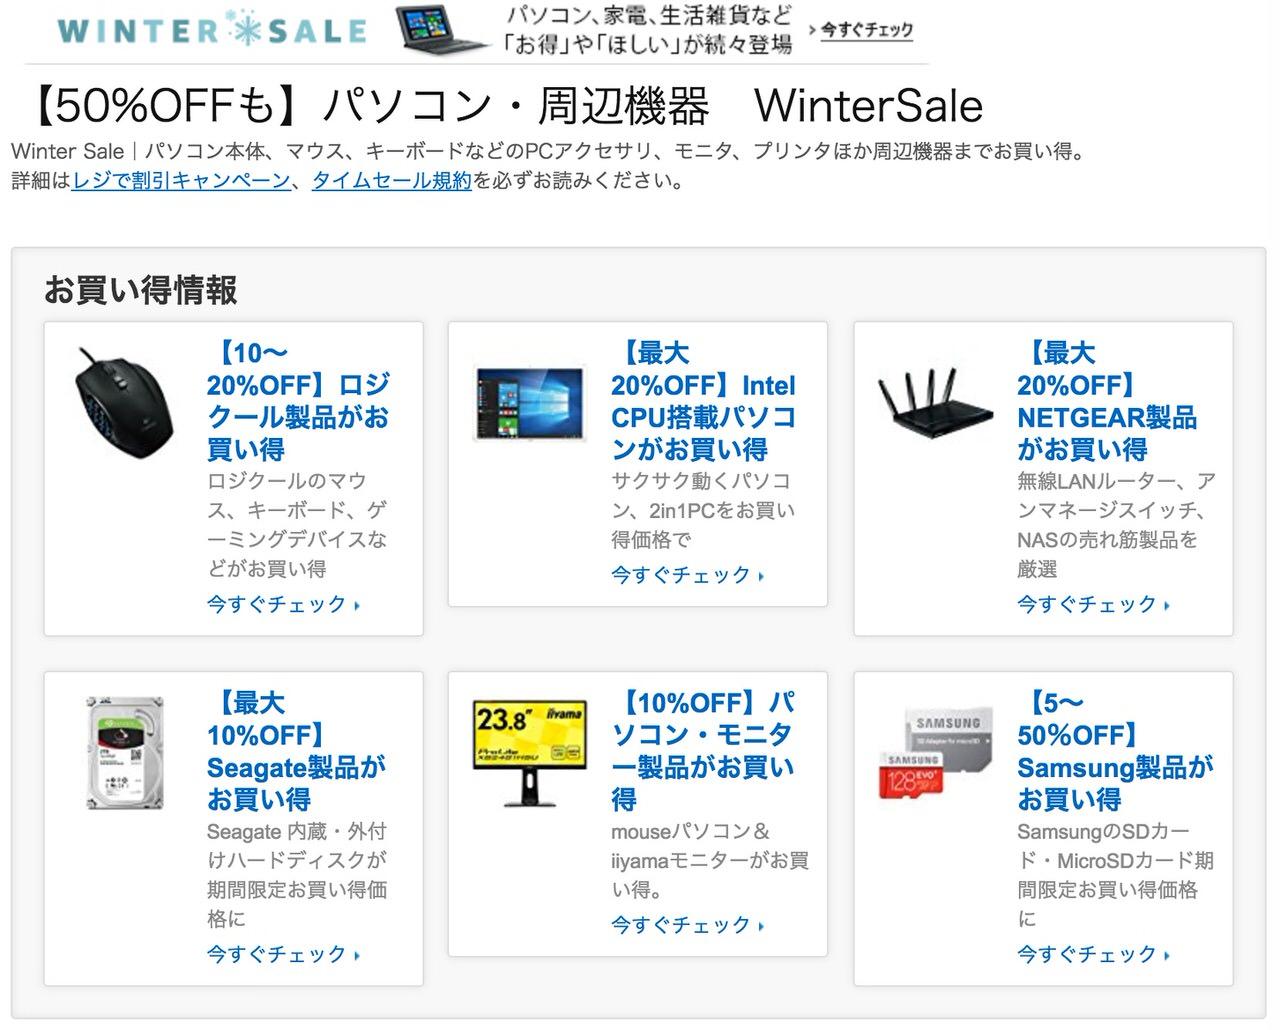 【最大50%オフ】Amazonが「パソコン・周辺機器 WinterSale」開催中 〜PC、マウス、キーボード、モニターなど